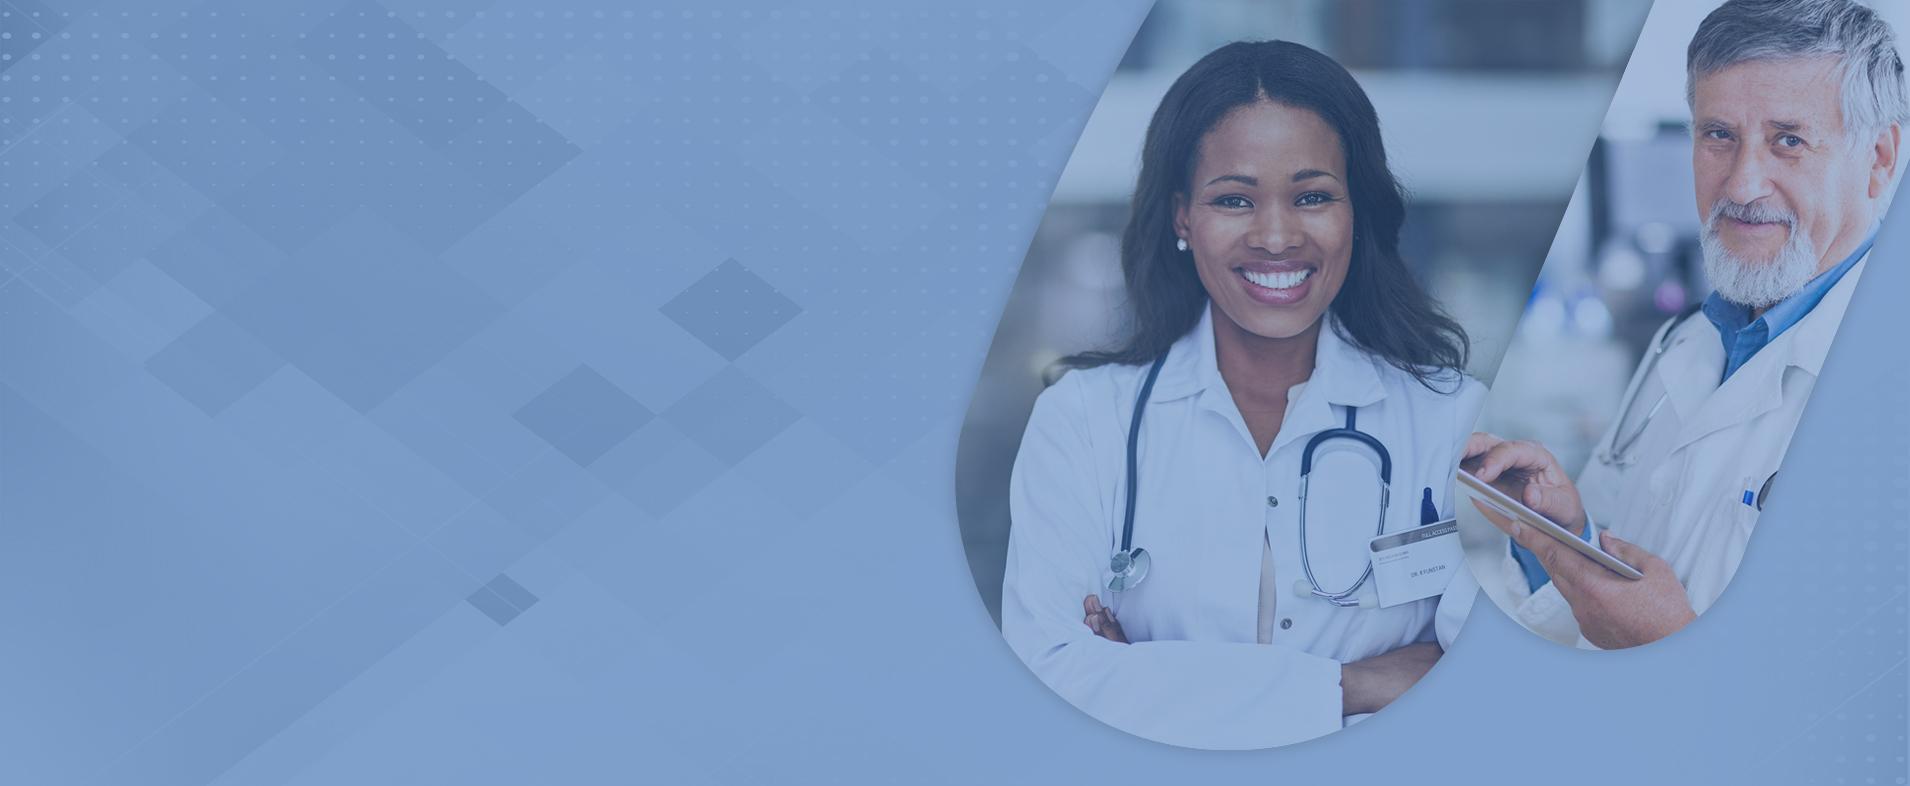 Tecnologia aplicada na saúde Heart Life